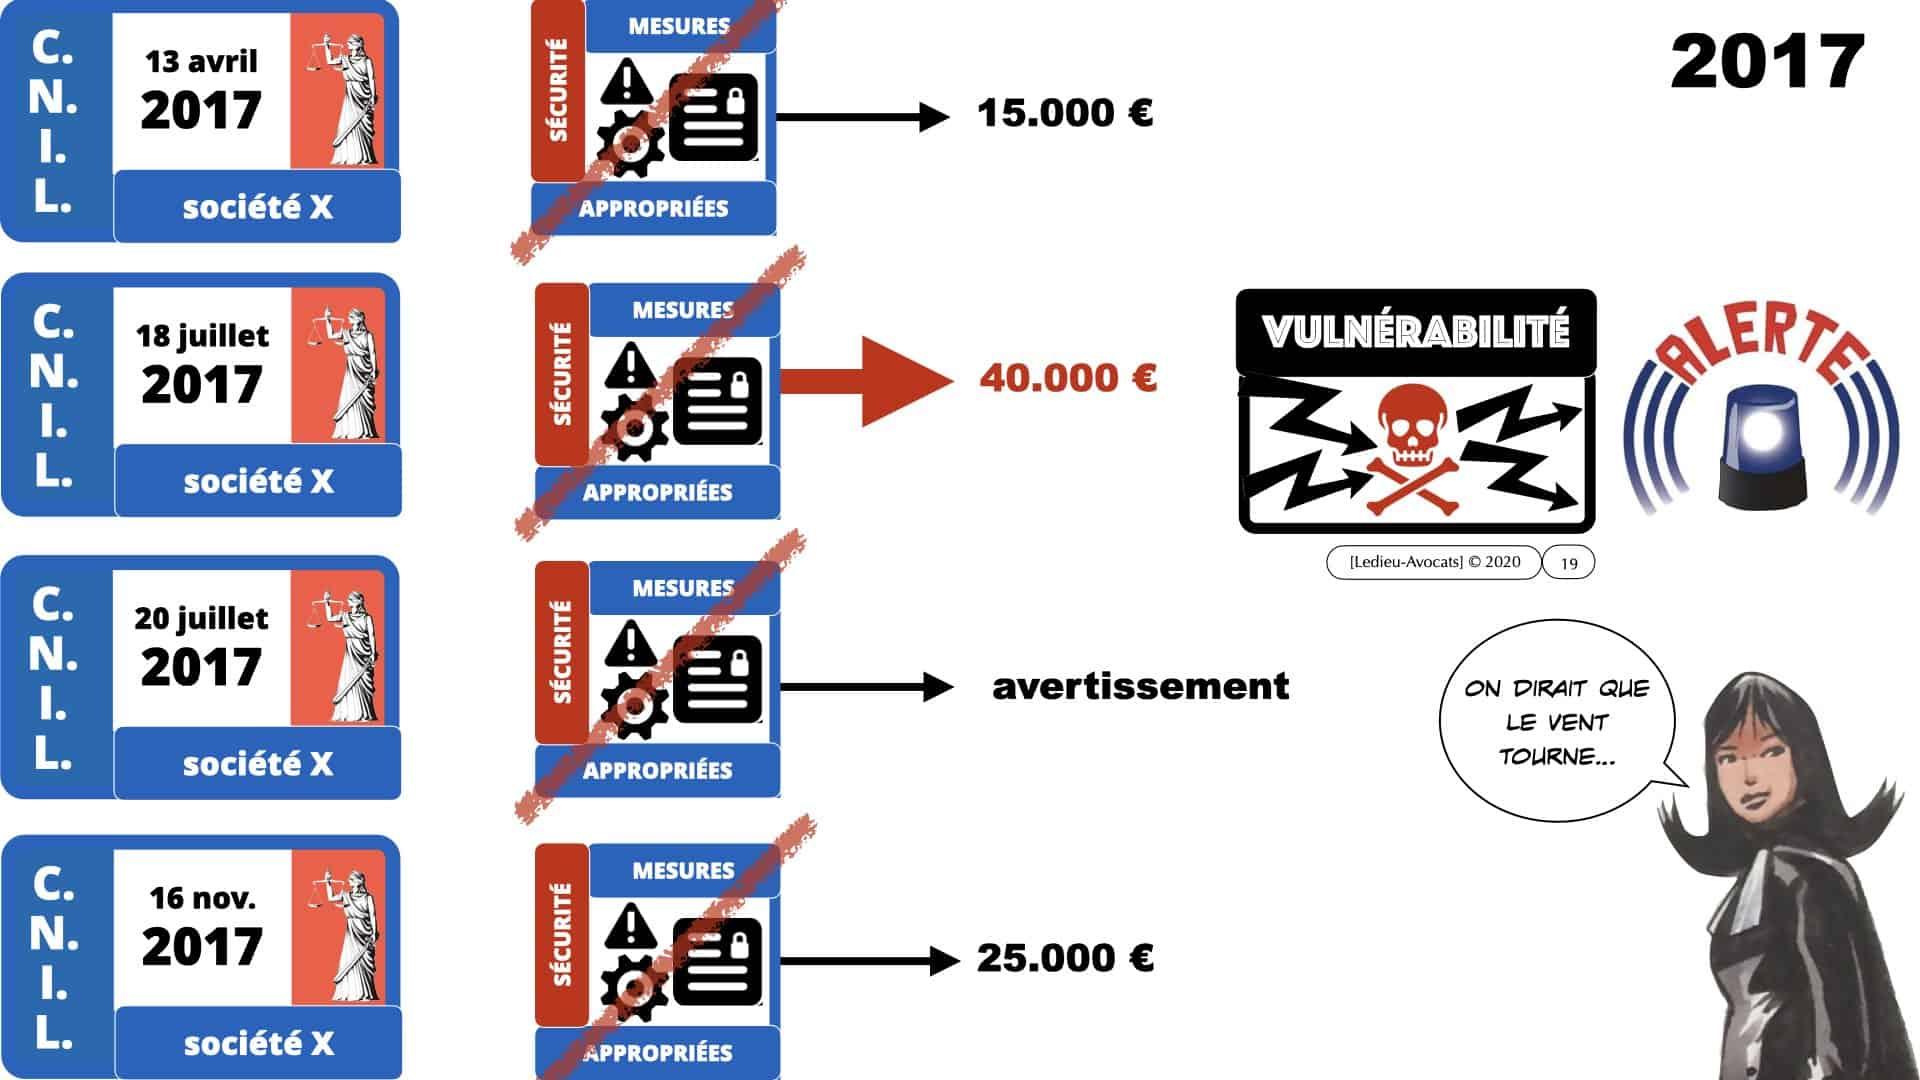 331 CYBER ATTAQUE malware vulnérabilité contrat BtoB © Ledieu-Avocats 30-03-2021 ***16:9***.019